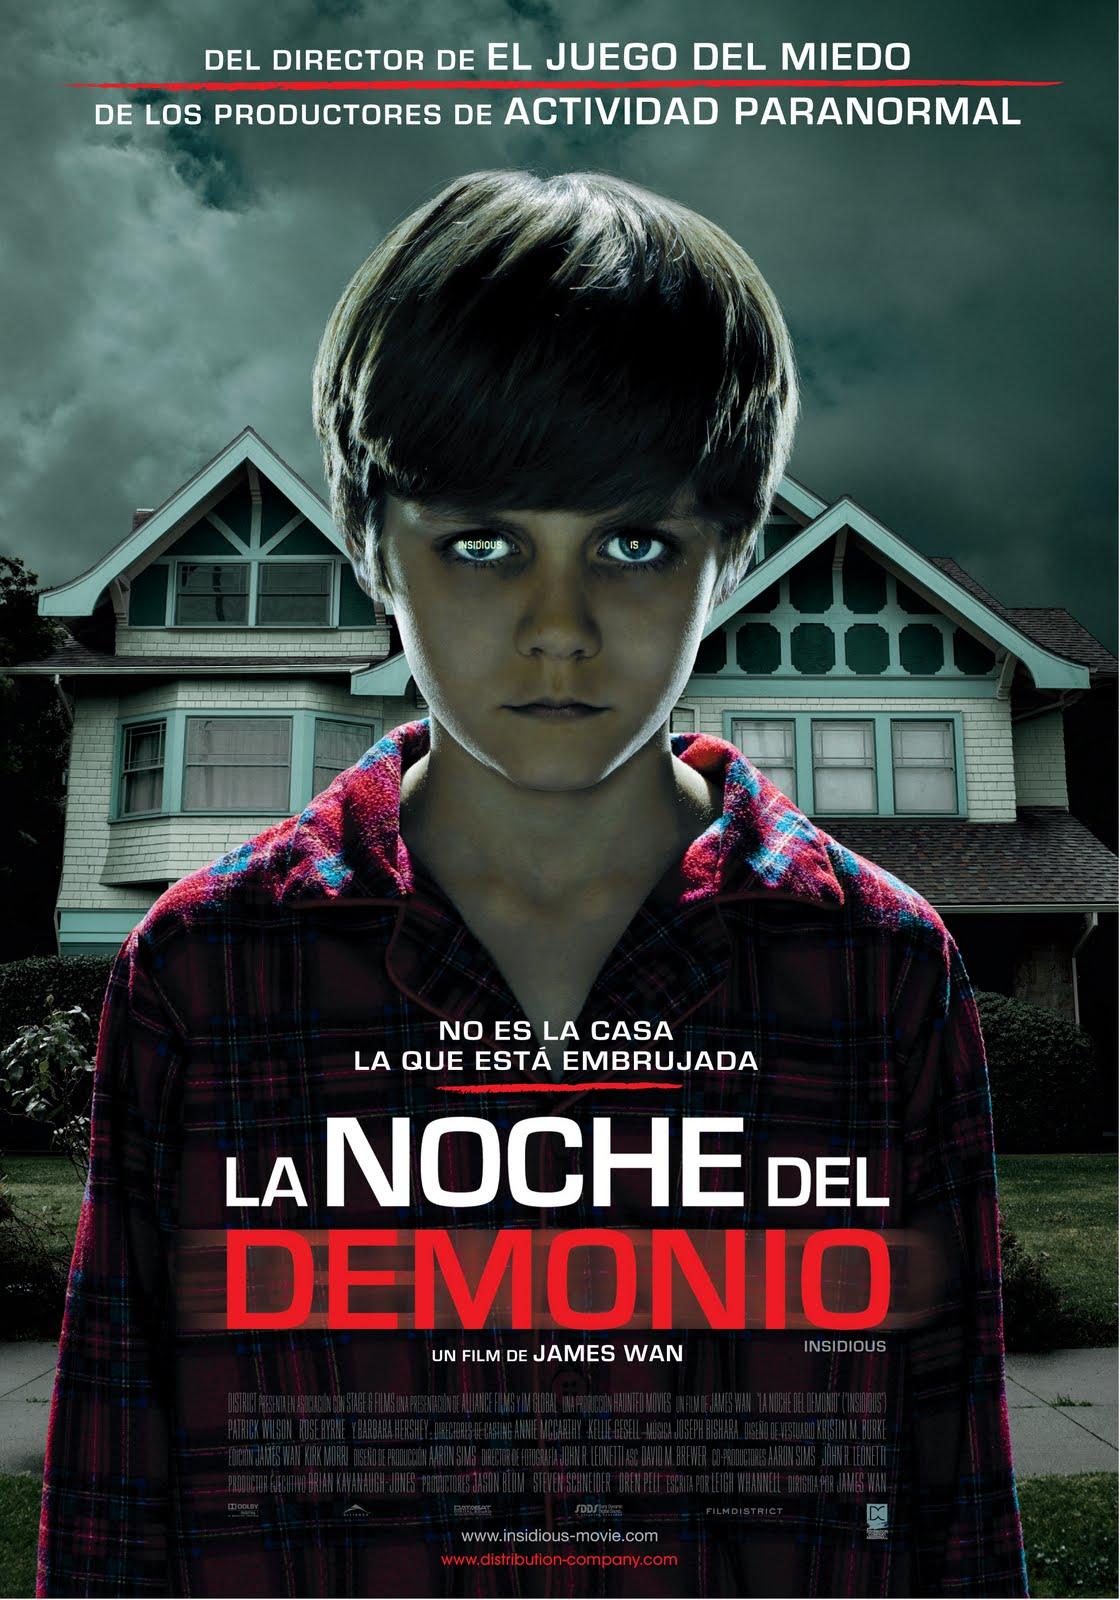 La Noche Con El Demonio. (INSIDIOUS) 1 Link sub Español